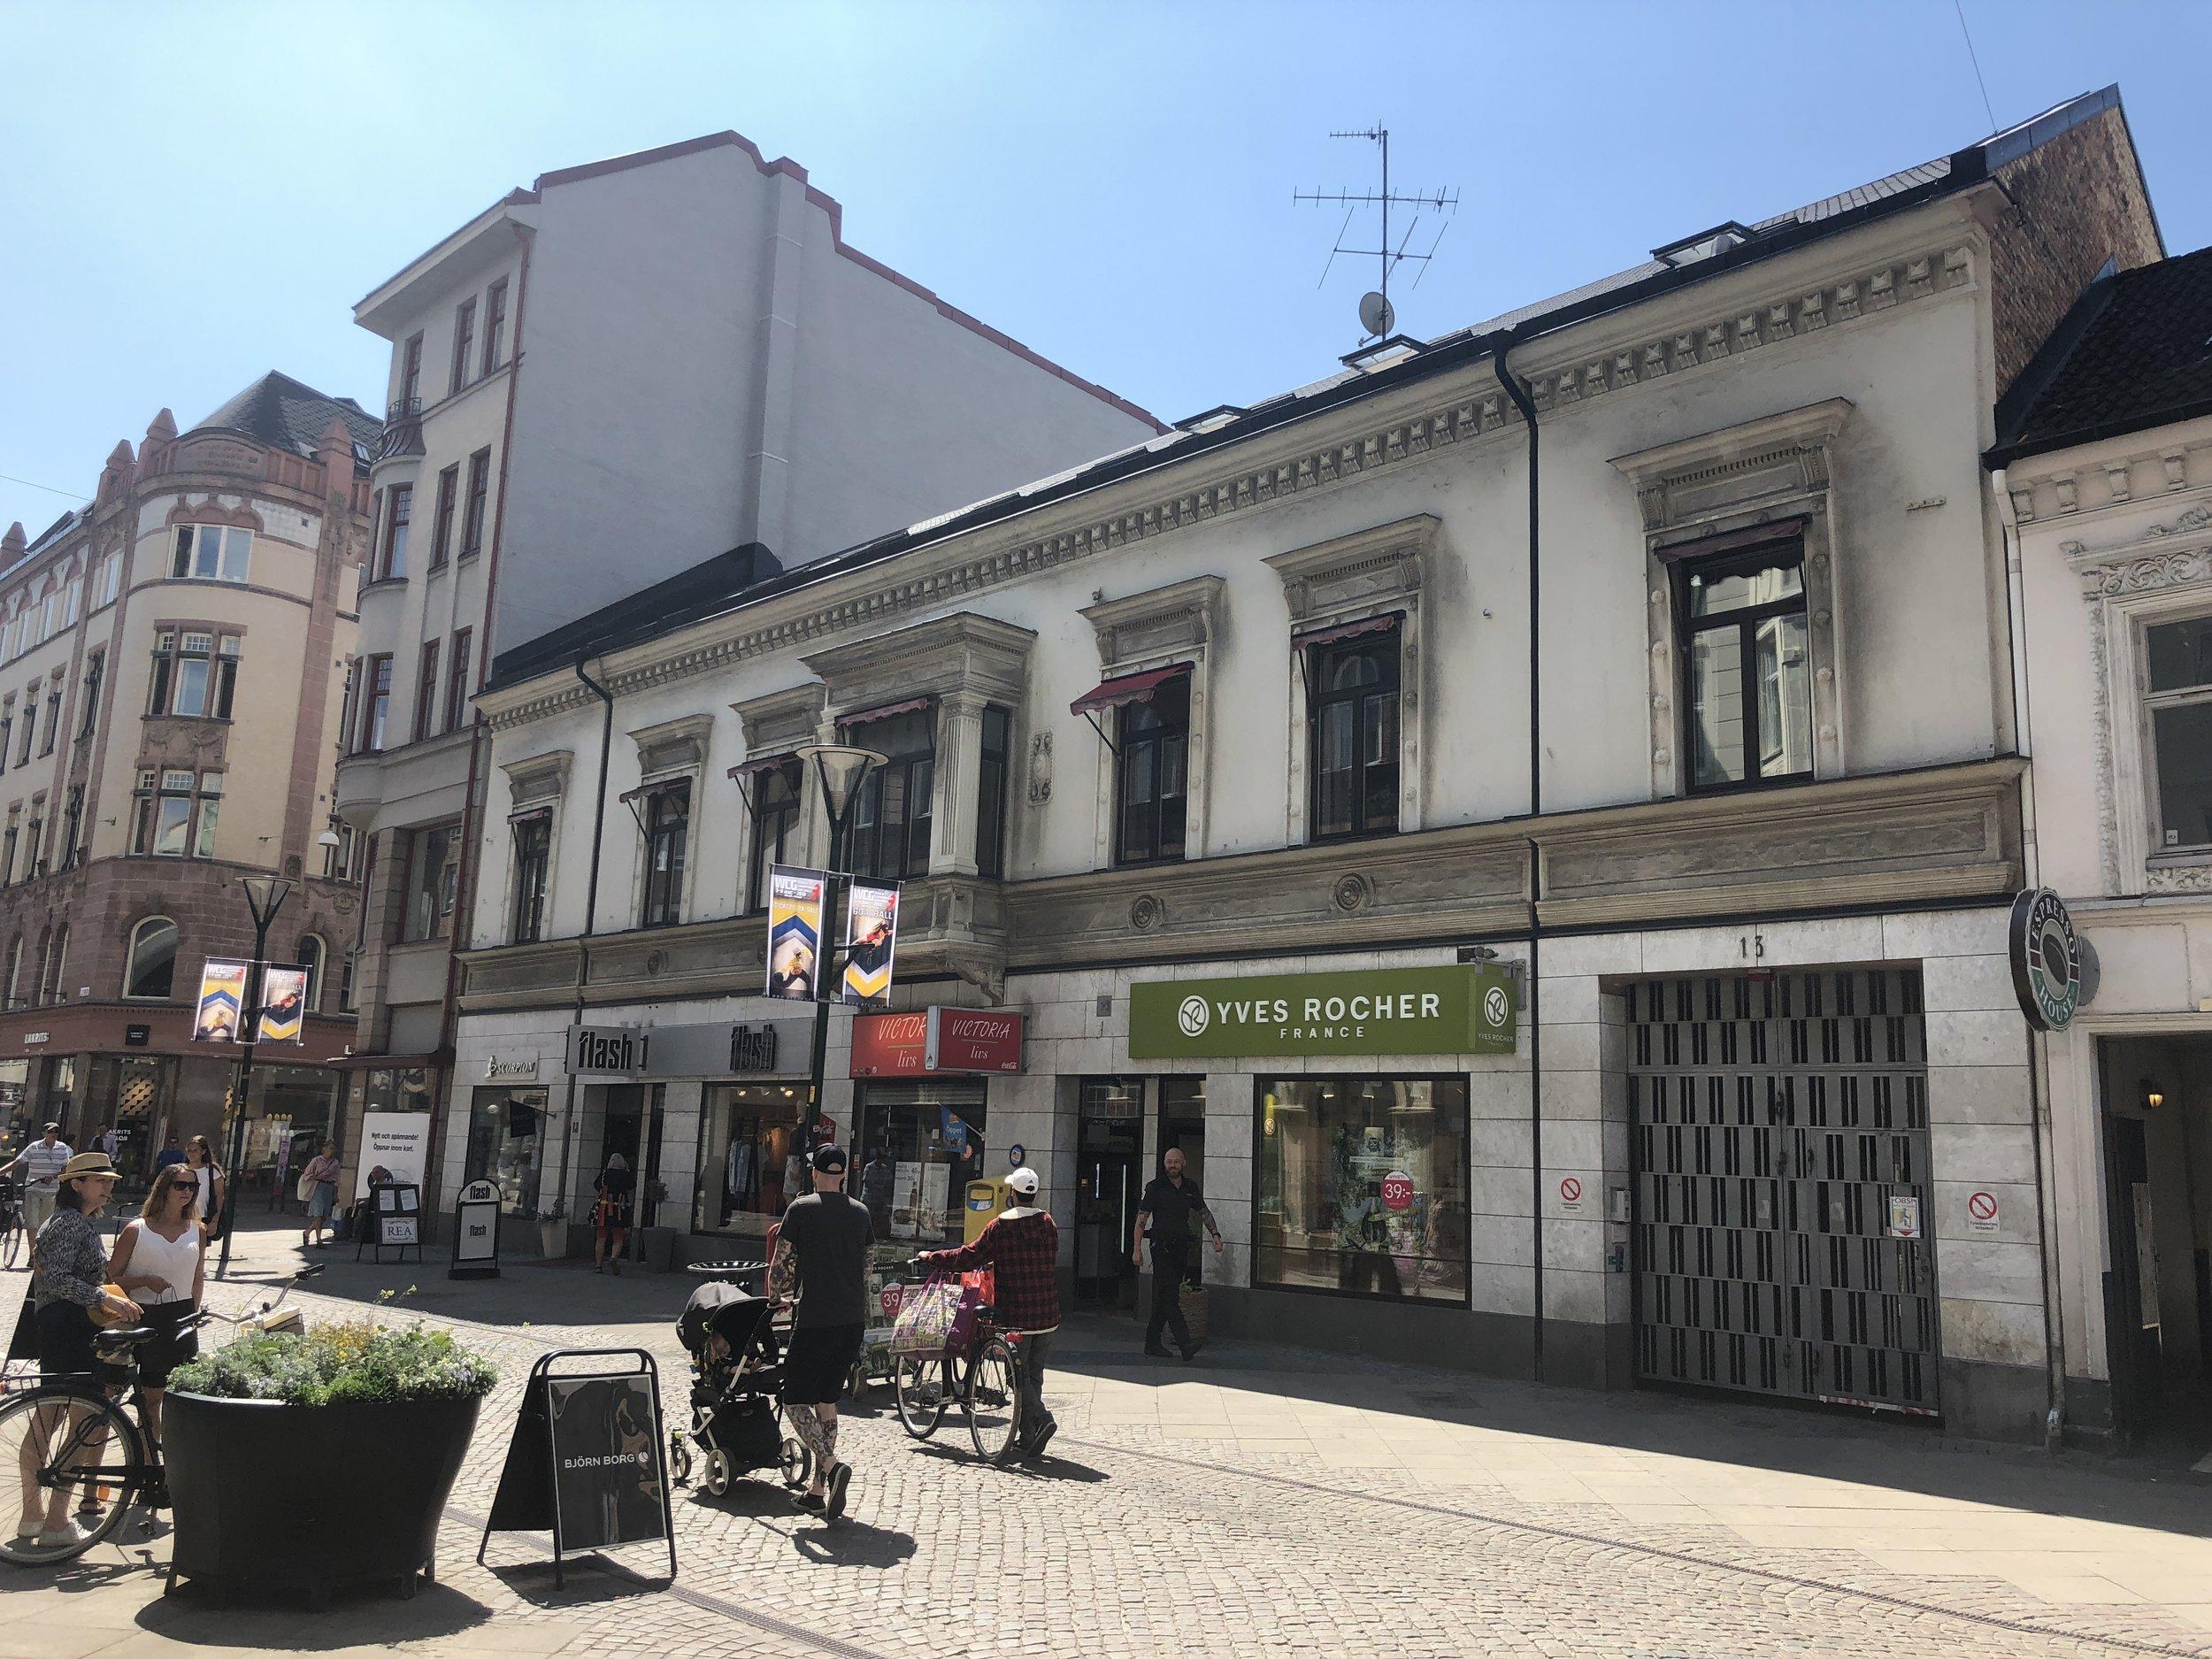 Södra Förstadsgatan 13